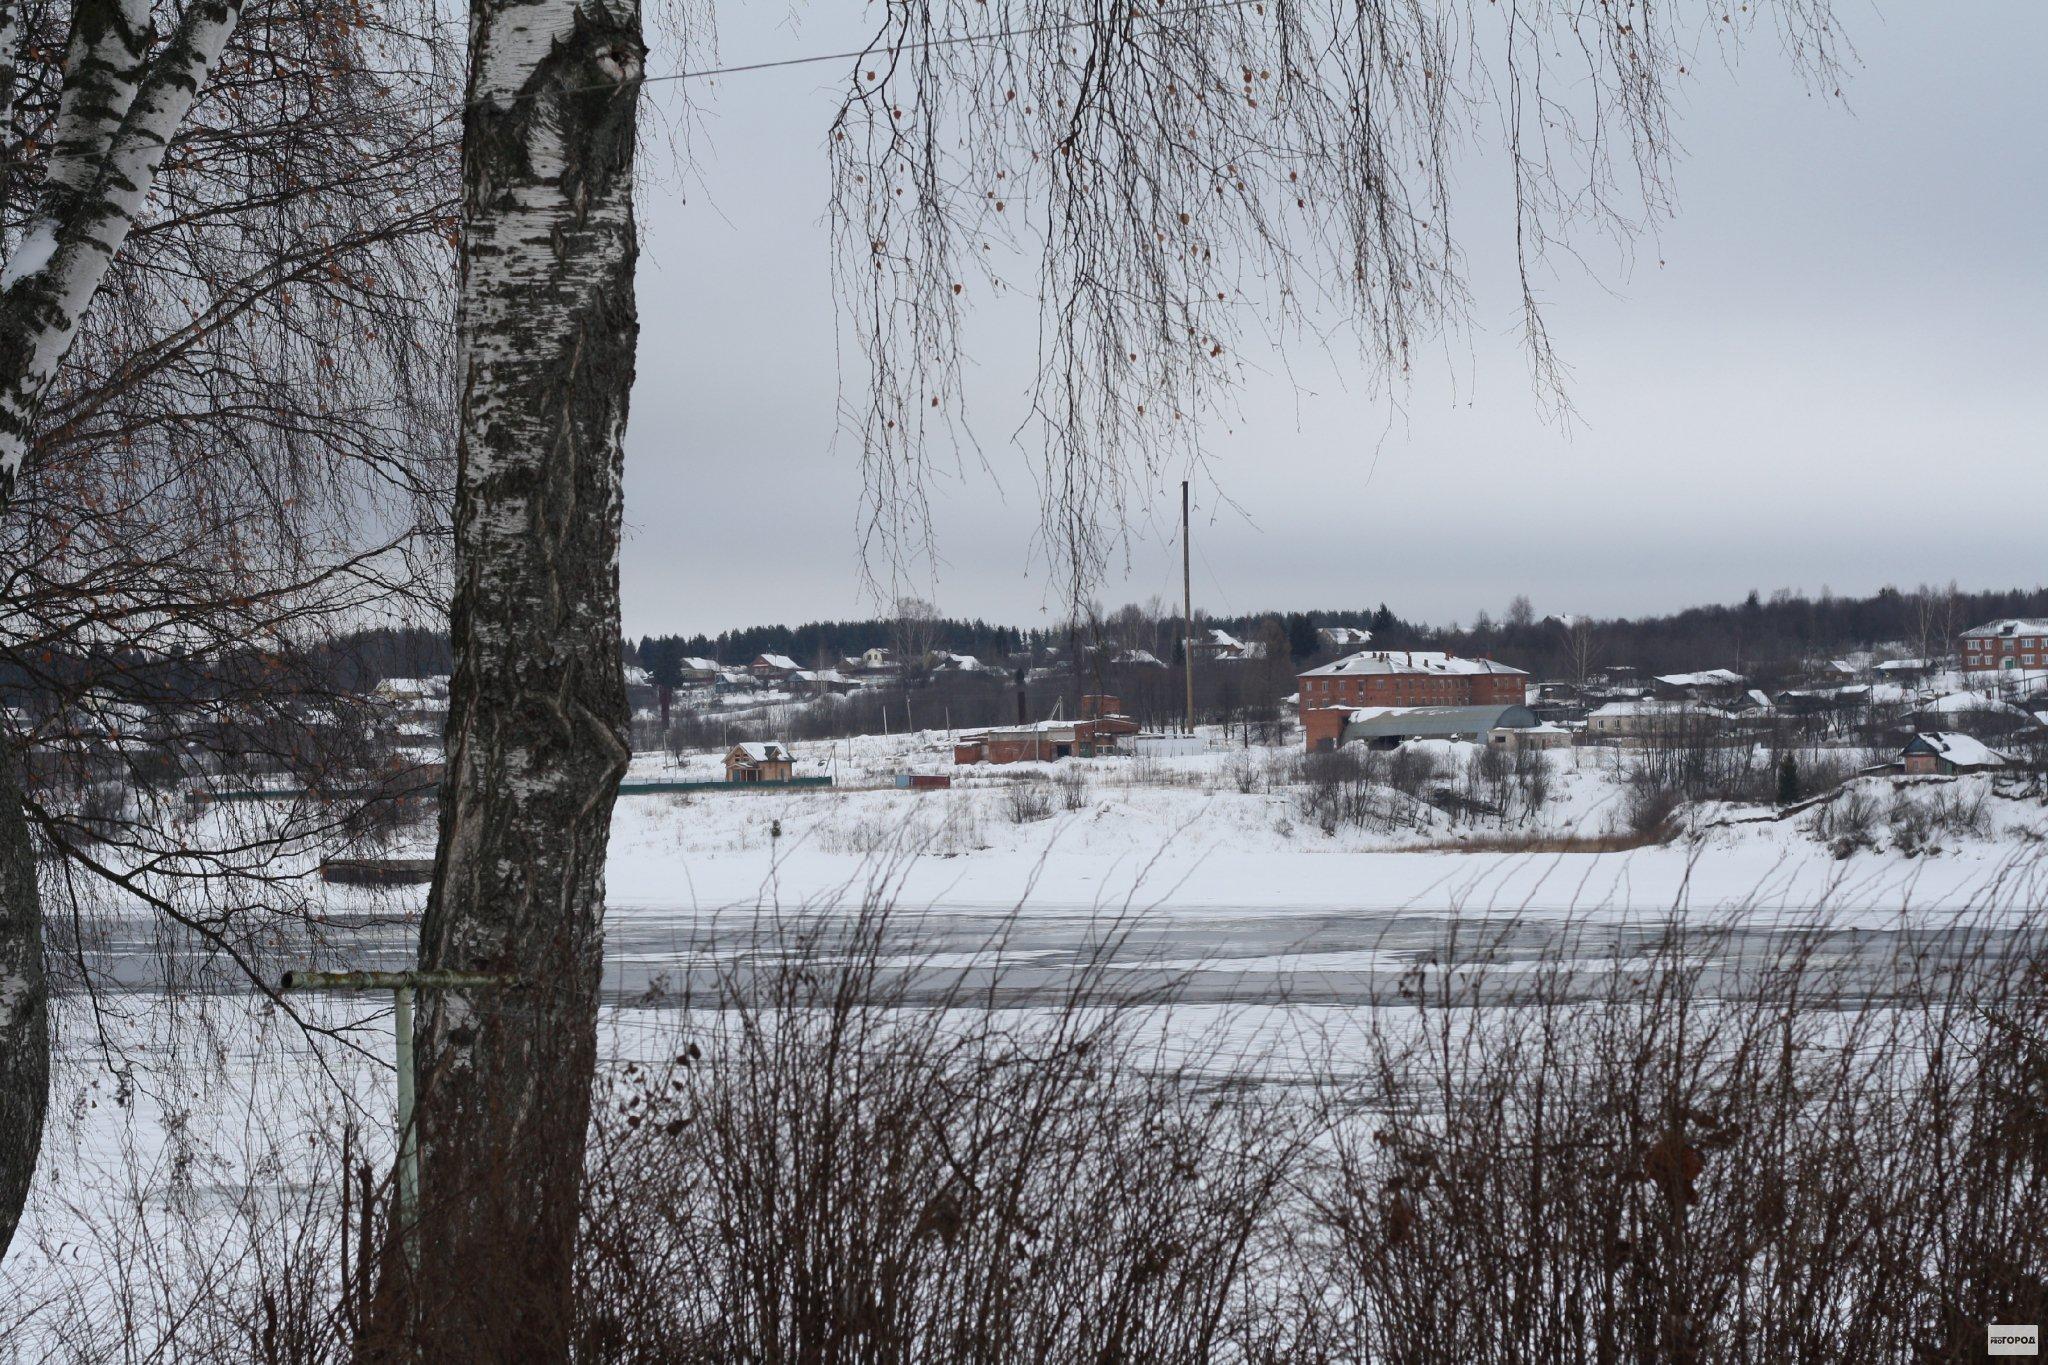 Прогноз погоды: выходные в Чепецке будут снежными и прохладными